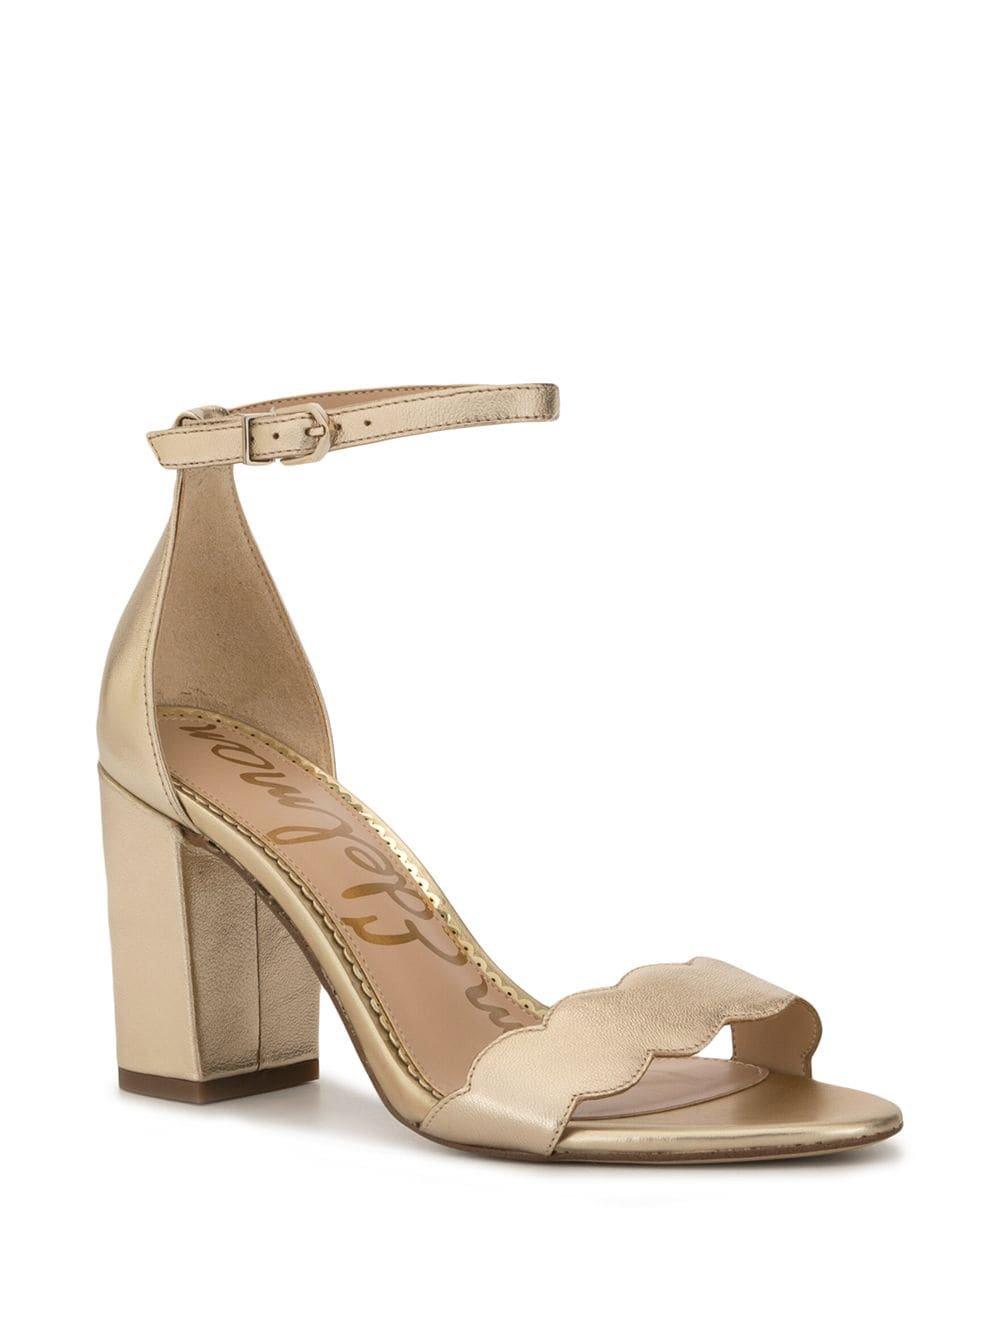 Sam Edelman Odila Scalloped Strap Sandals   Farfetch.com